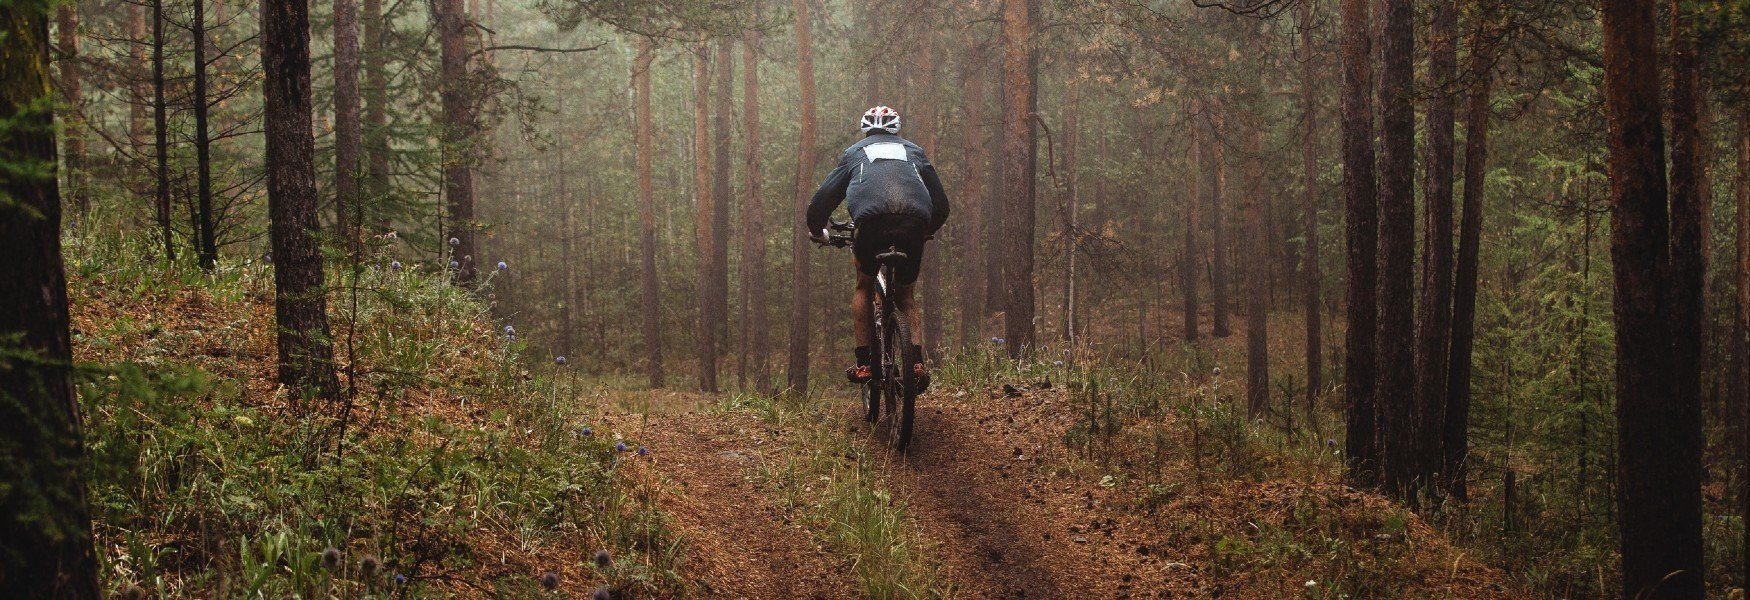 Mountainbiker In Het Bos